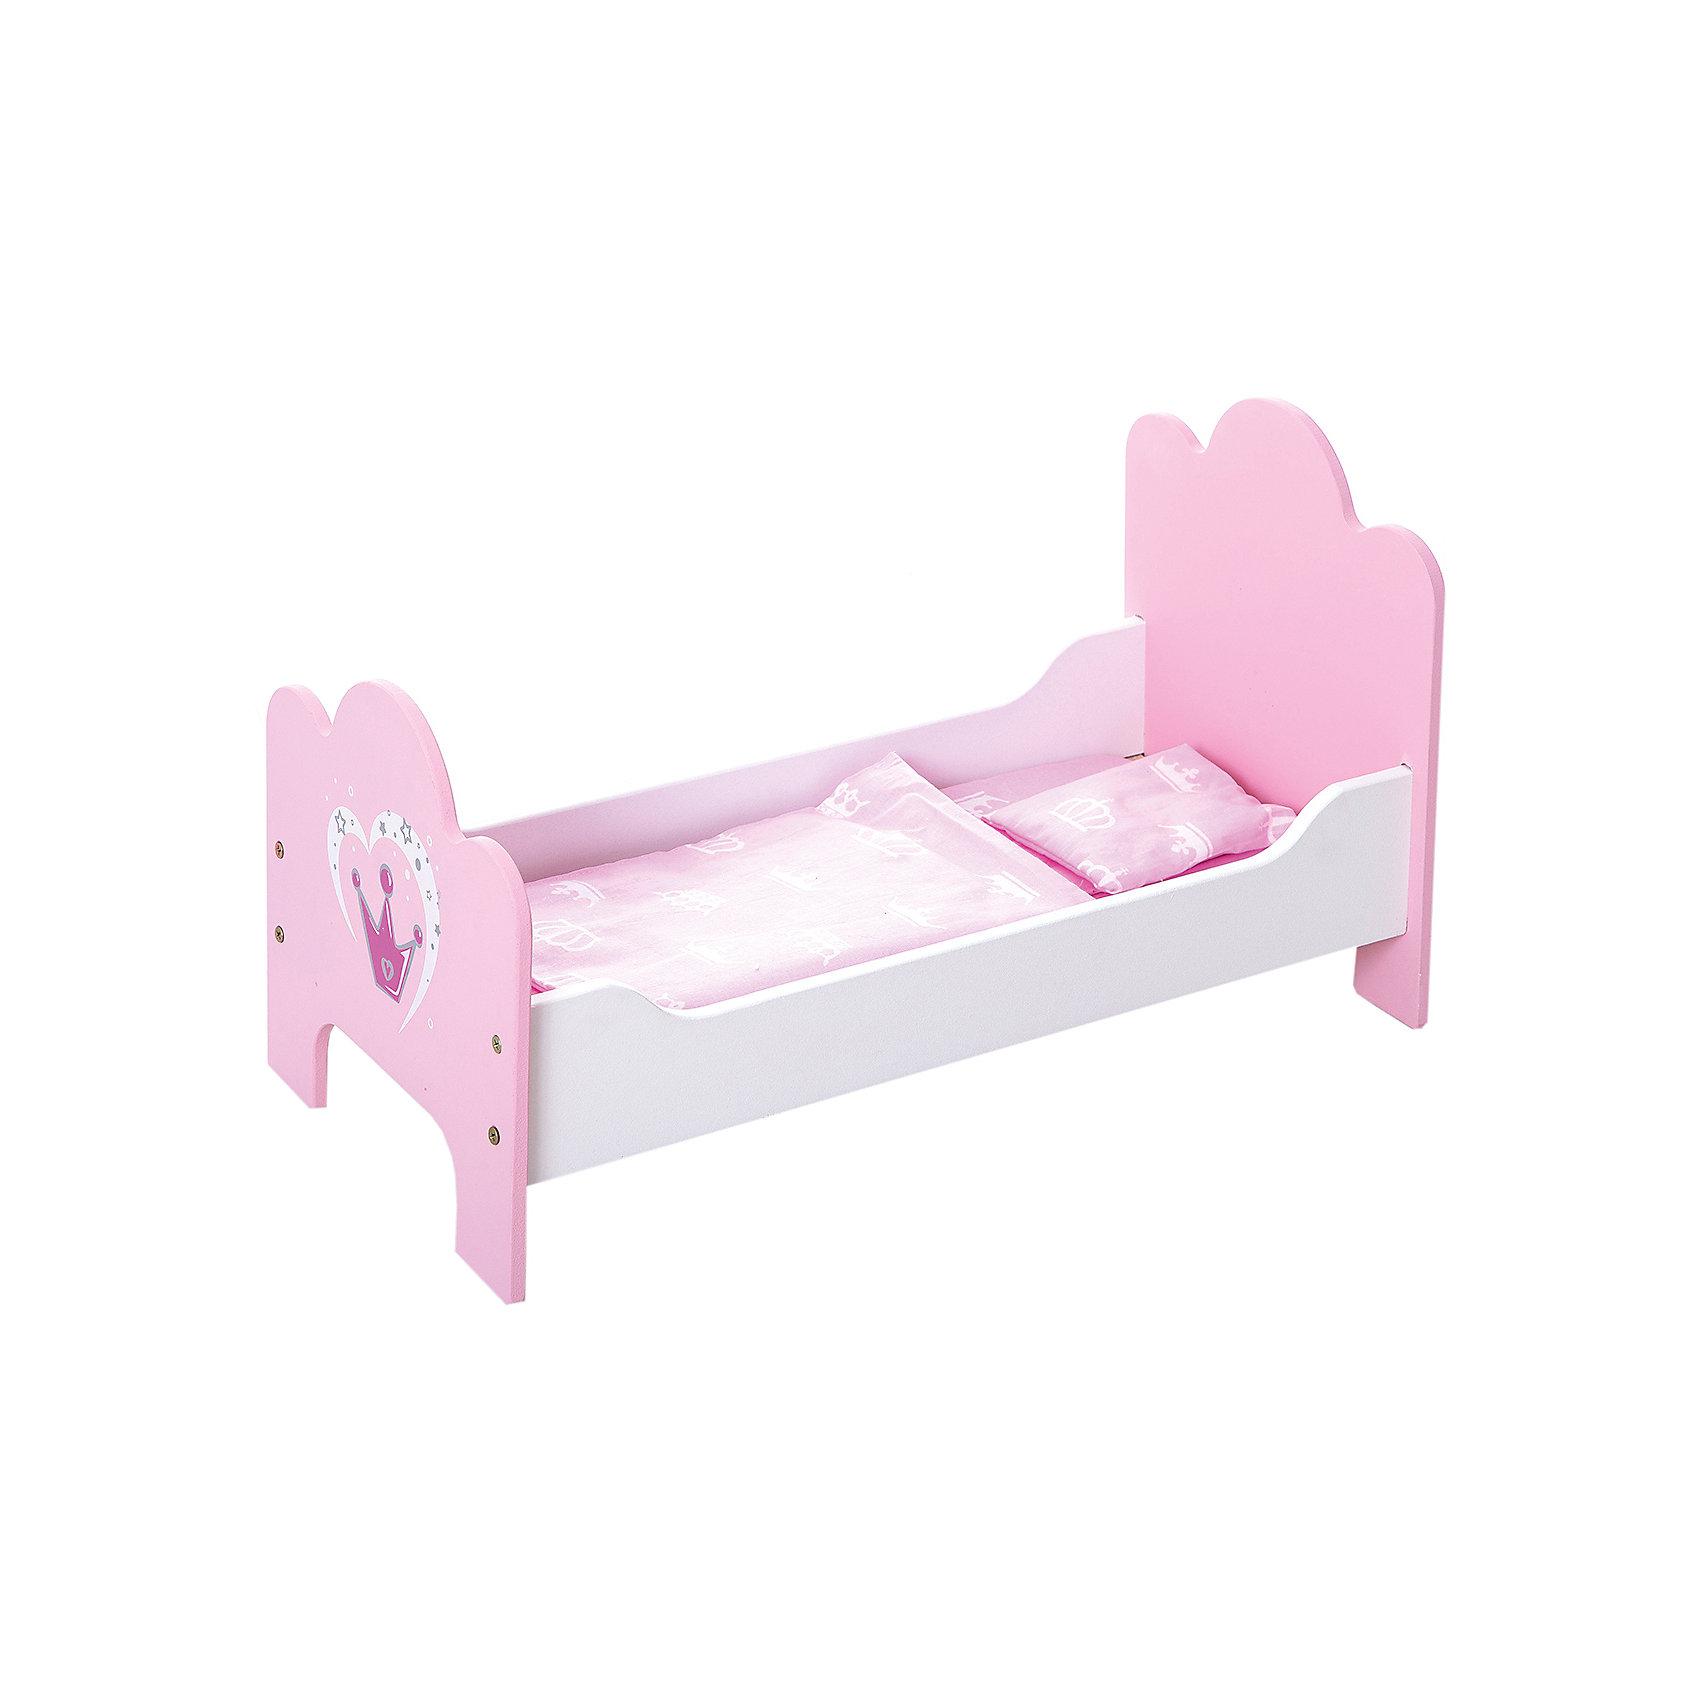 Кроватка деревянная Корона, Mary PoppinsДомики и мебель<br>Кроватка деревянная Корона от популярного российского бренда кукол и аксессуаров Mary Poppins (Мэри Поппинс). Яркая розовая кроватка с короной так понравится вашим куклам, что они захотят спать только в ней! Кроватка выглядит как настоящая, а при необходимости разбирается. Кроватка изготовлена из дерева, что обеспечивает прочность и безопасность игрушки. В комплект входит набор постельного белья. <br>Дополнительная информация:<br><br>- В комплект входит: кроватка в разобранном виде, матрас, одеял, подушка<br>- Материал: дерево, текстиль<br><br>Кроватку деревянную Корона, Mary Poppins (Мэри Поппинс) можно купить в нашем интернет-магазине.<br><br>Подробнее:<br>• Для детей в возрасте: от 3 до 10 лет<br>• Номер товара: 4925535<br>Страна производитель: Китай<br><br>Ширина мм: 530<br>Глубина мм: 80<br>Высота мм: 320<br>Вес г: 8333<br>Возраст от месяцев: 36<br>Возраст до месяцев: 120<br>Пол: Женский<br>Возраст: Детский<br>SKU: 4925535